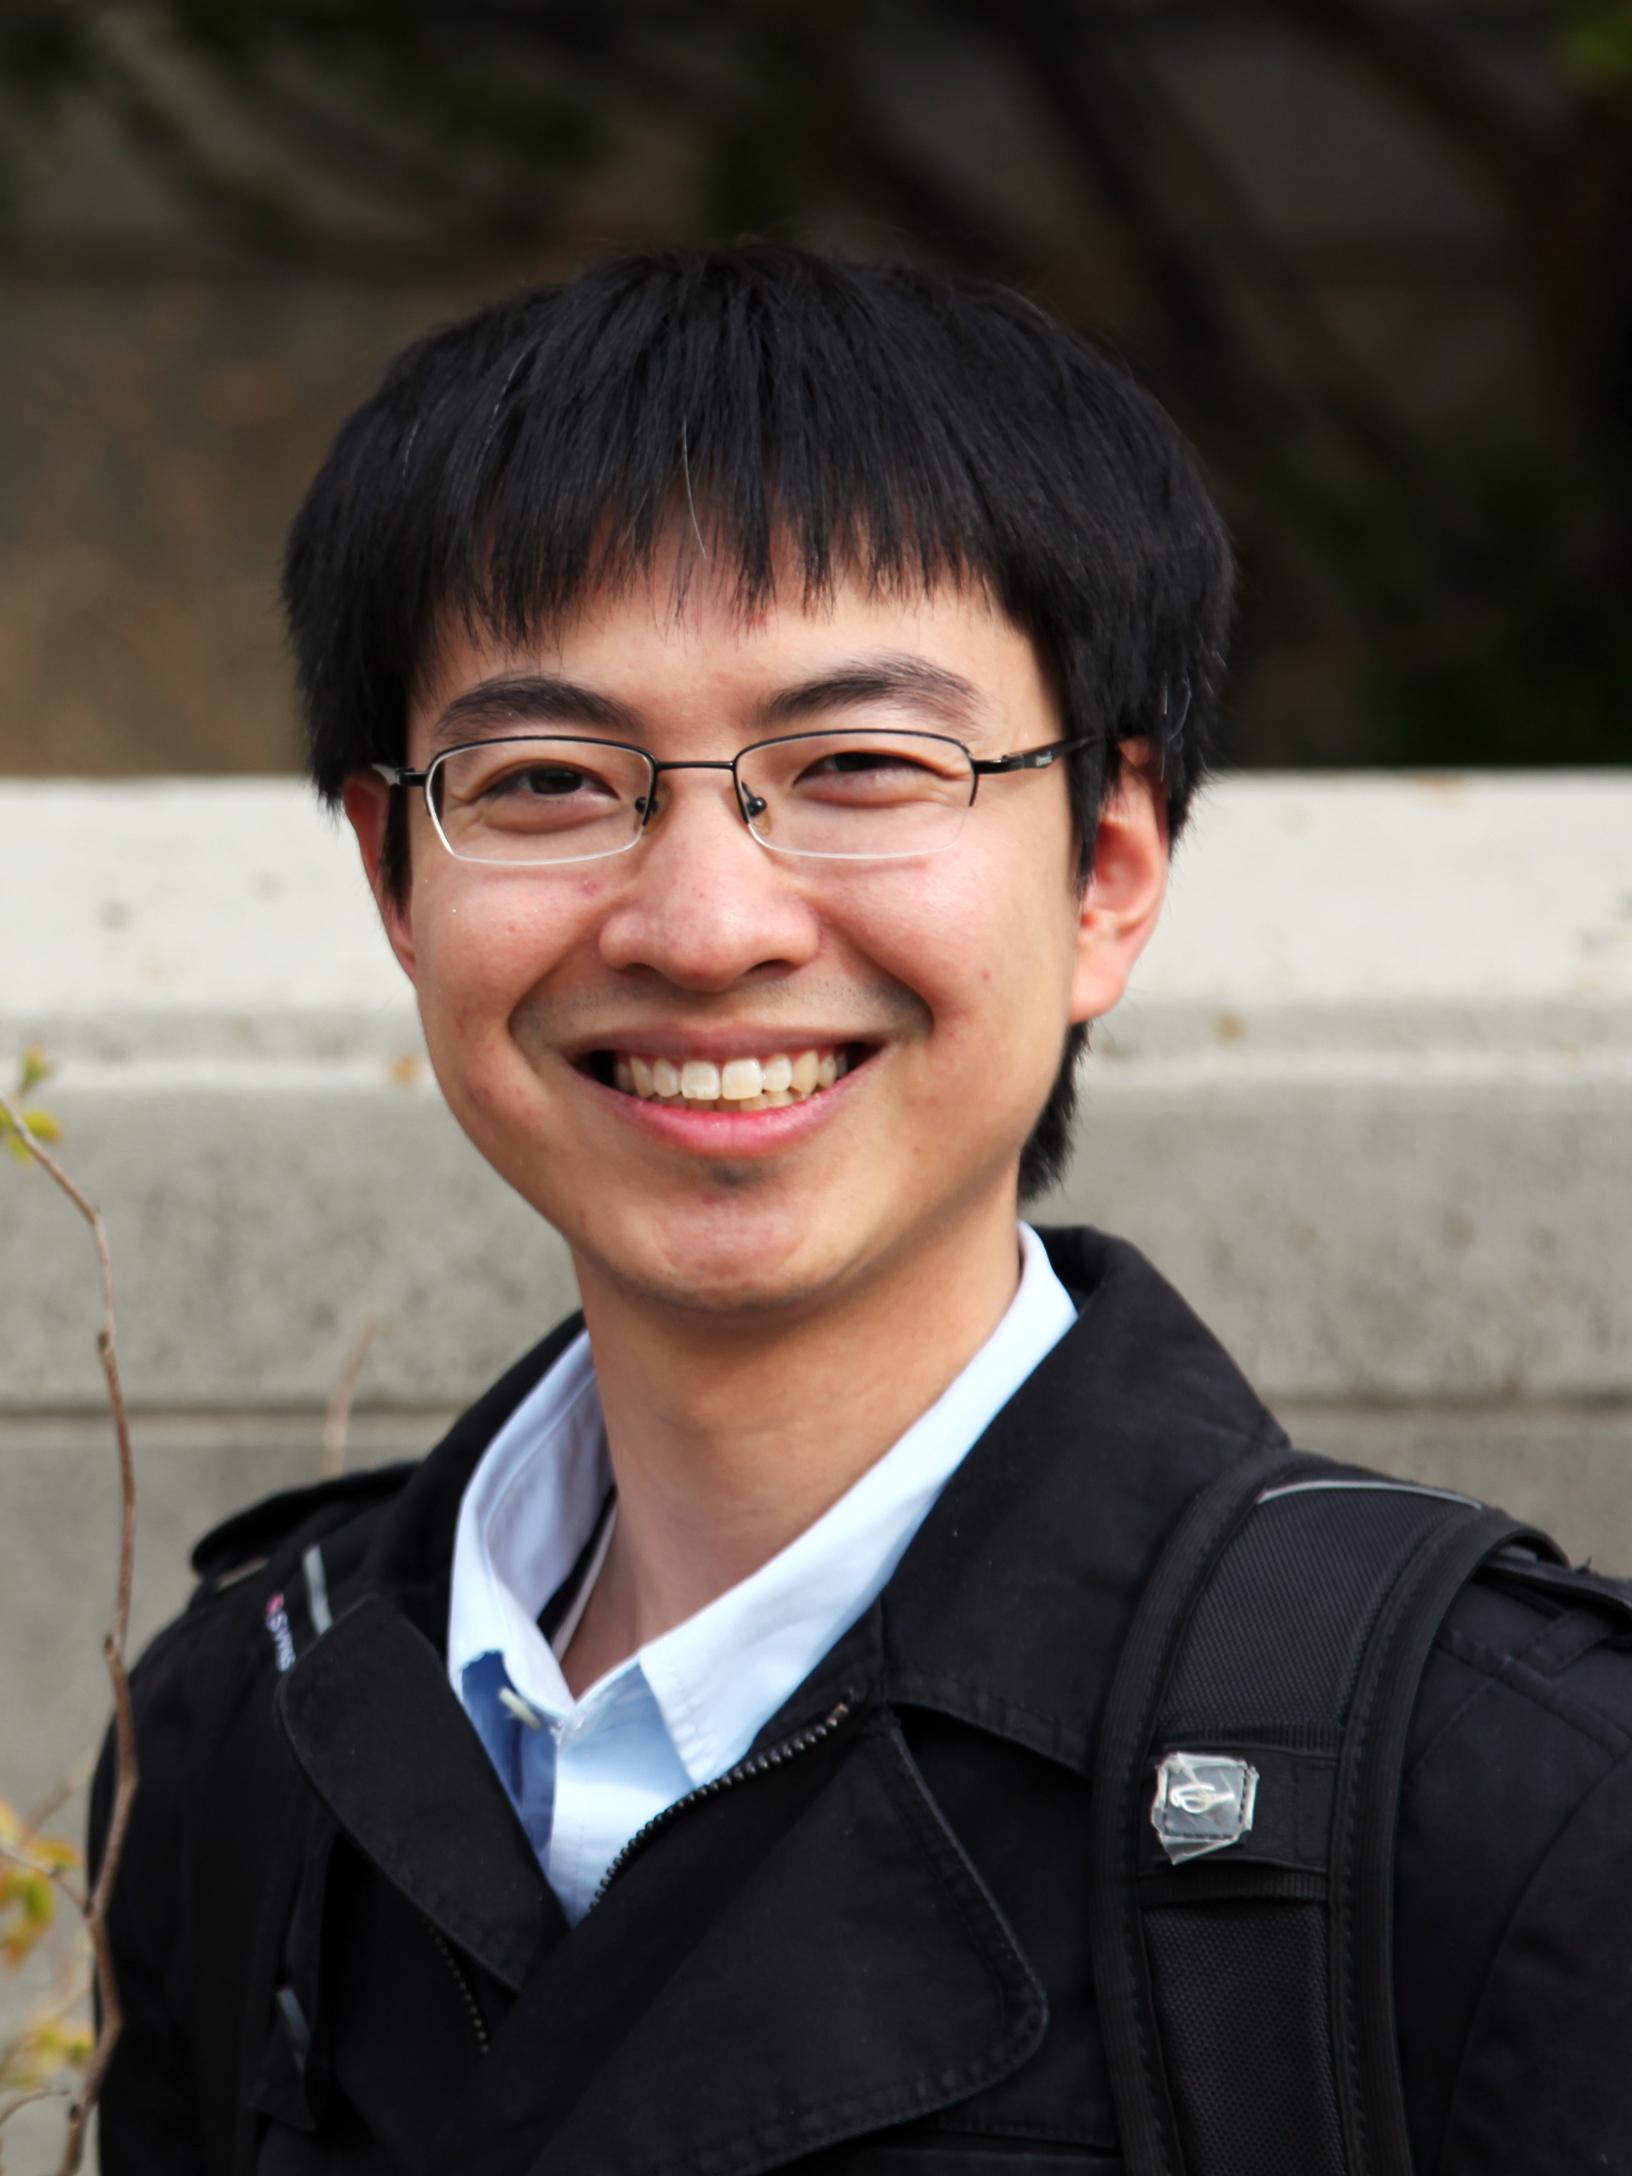 Xiaoyuan Zhang